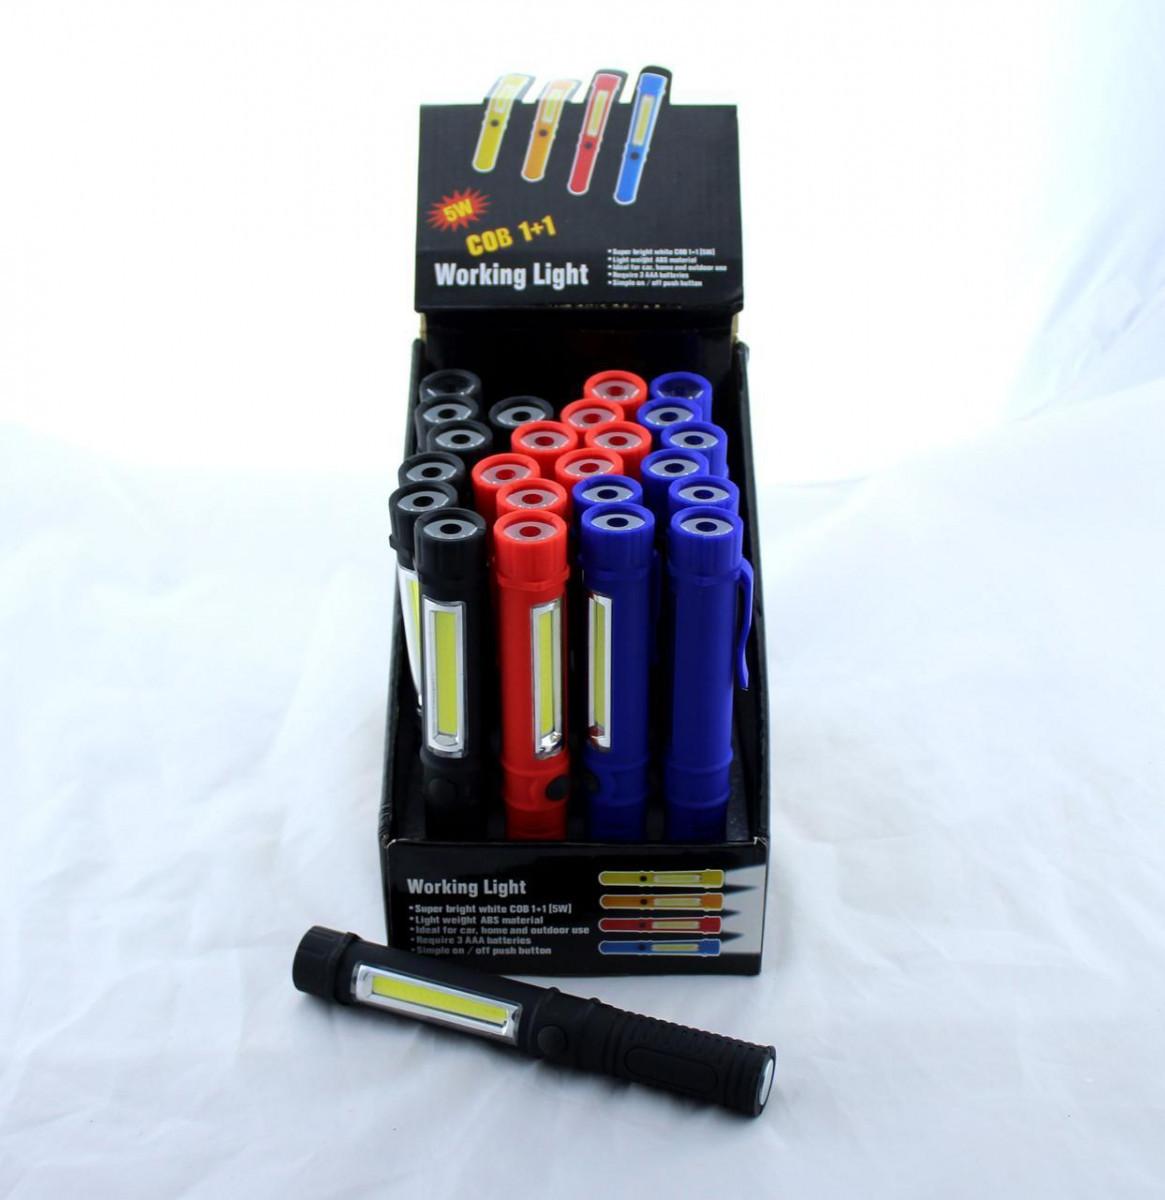 Ліхтарик 909 COB (Ціна за упаковку 24 штуки)